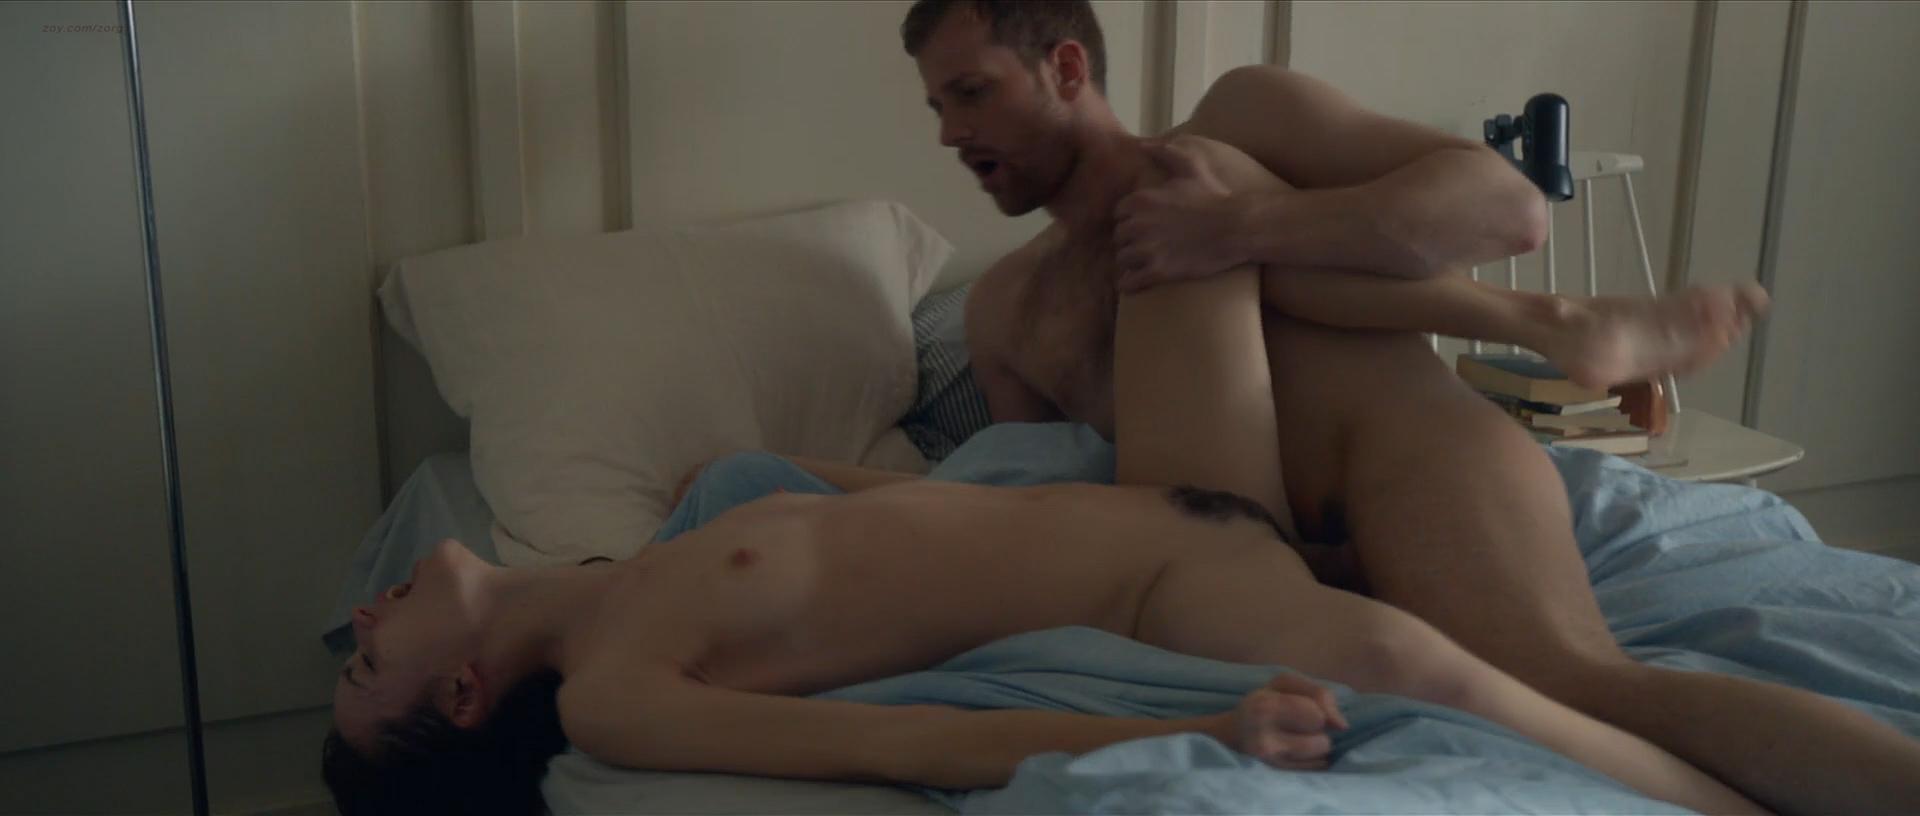 Stacy Martin nude explicit sex oral and vaginal - Nymphomaniac Vol I (2013) Directors Cut hd1080p (16)